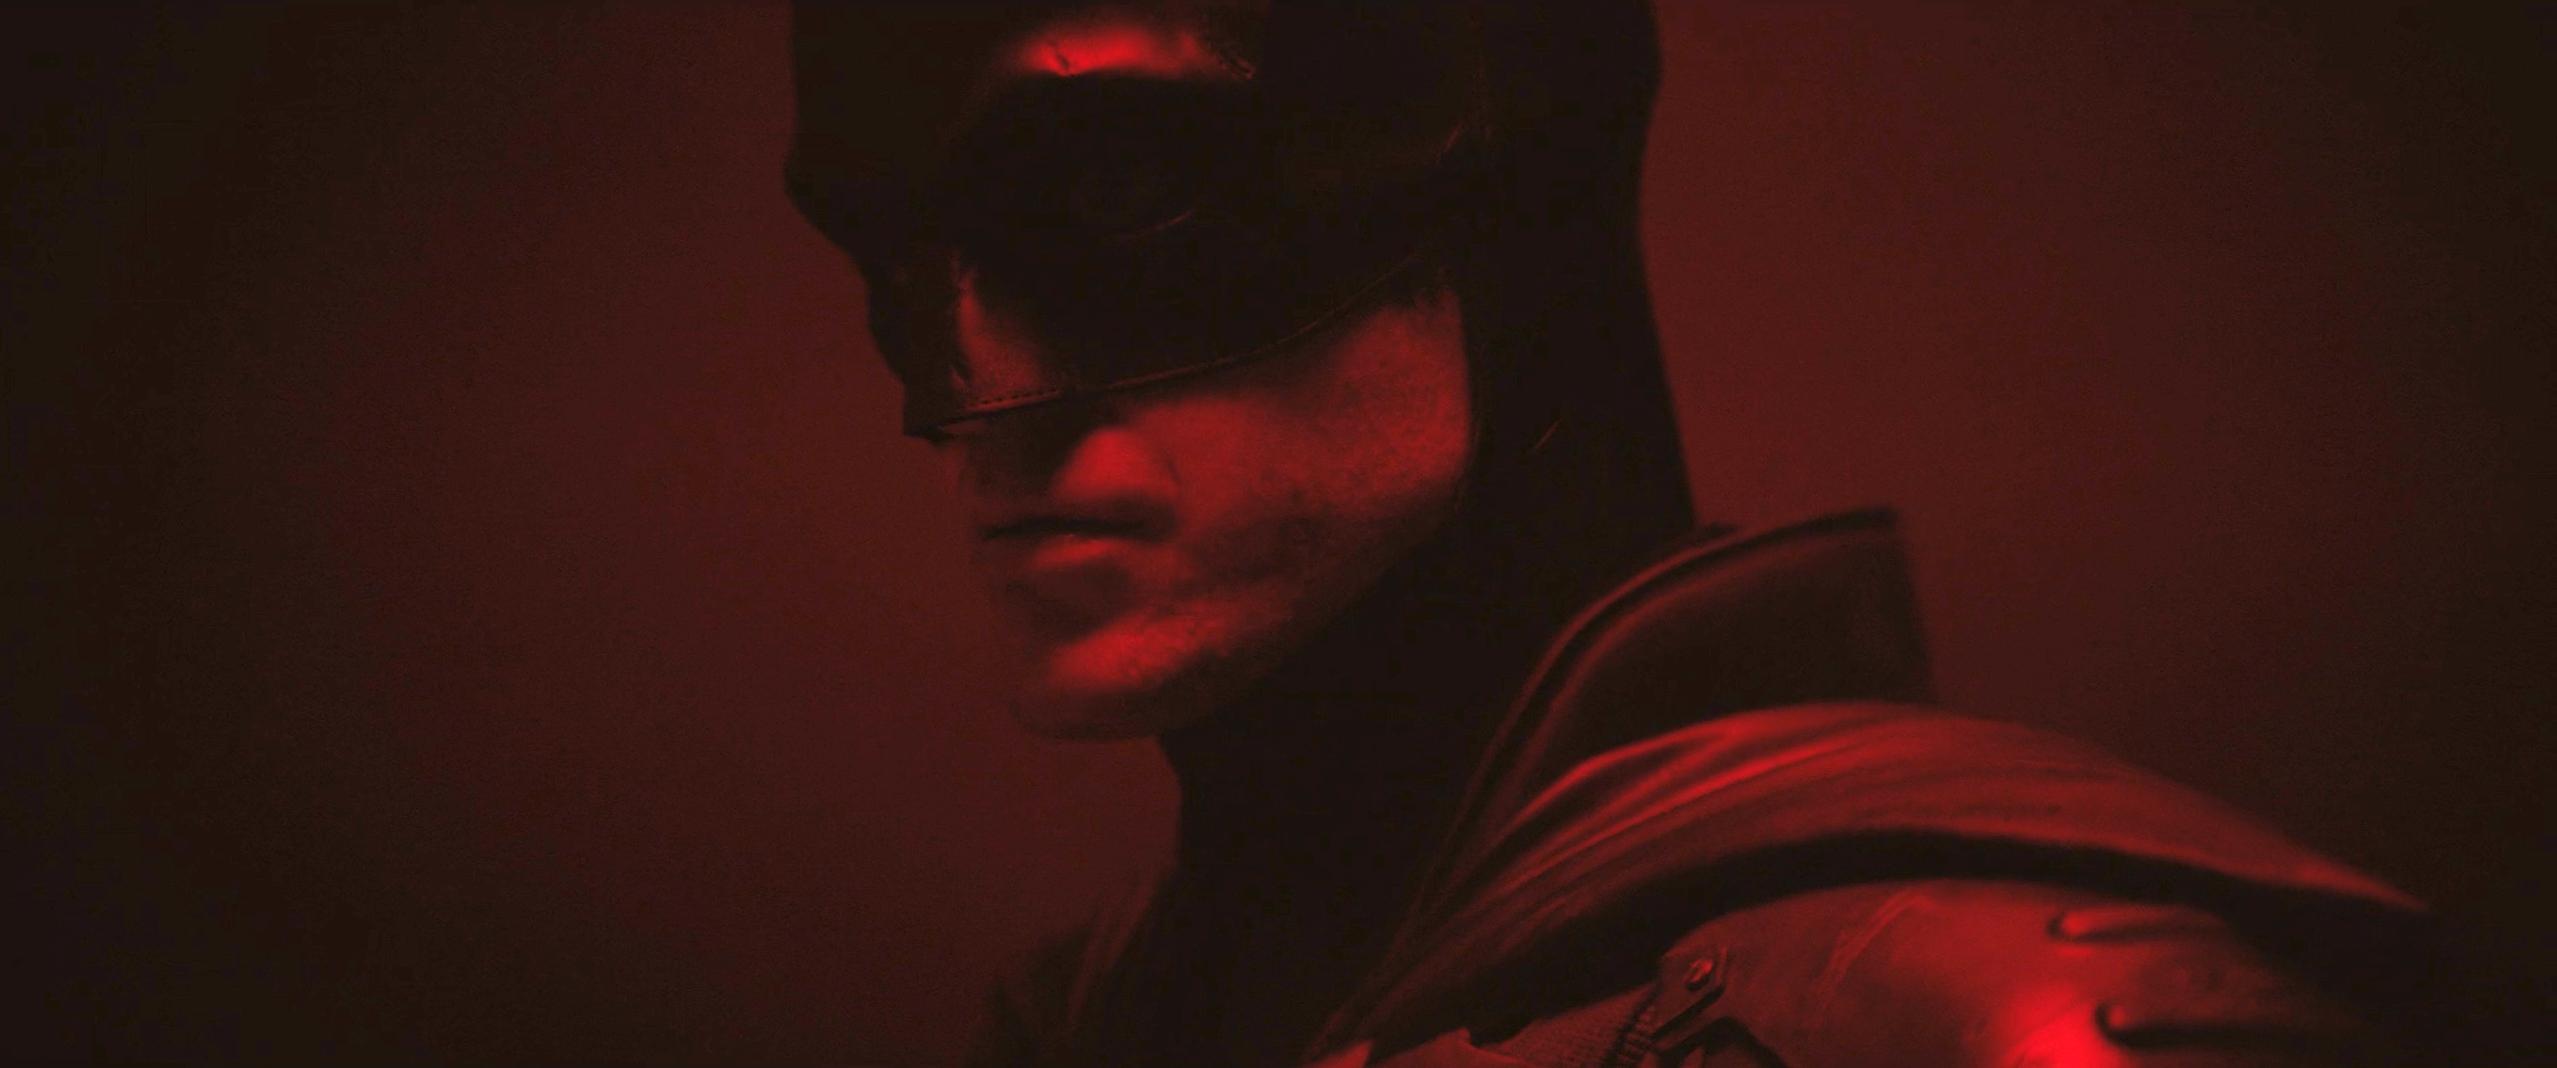 Batman movie scheduled to release in 2021